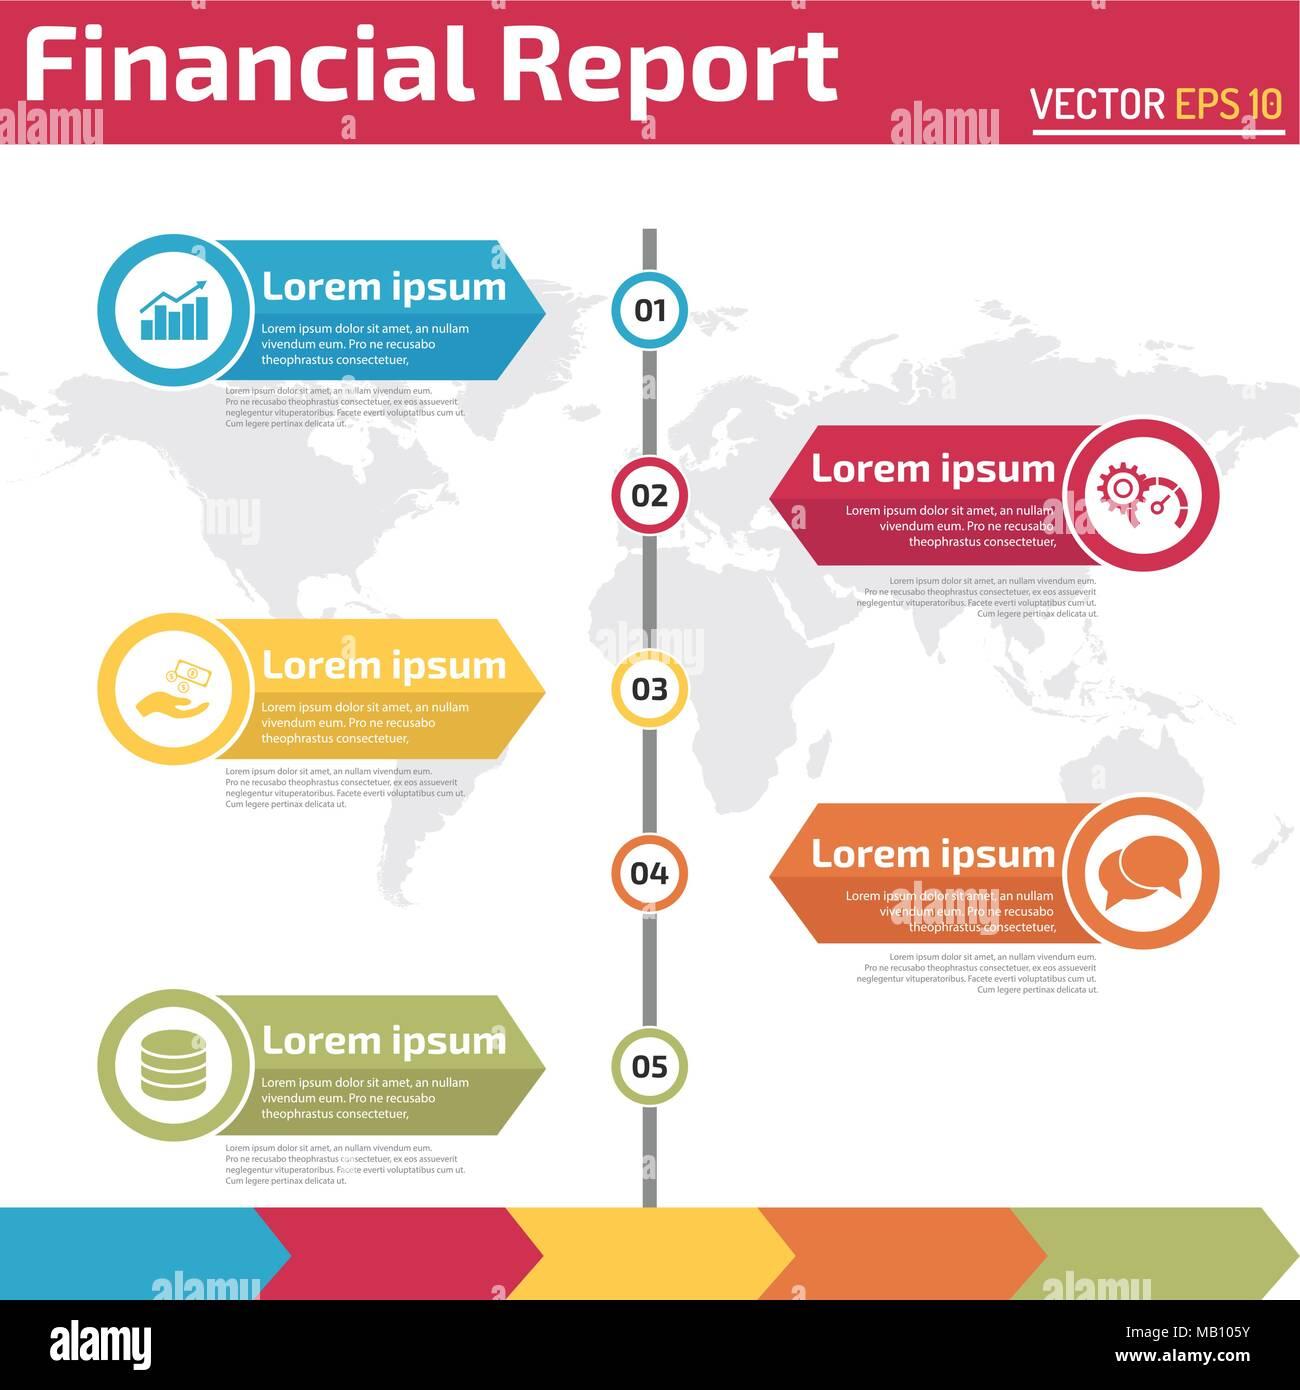 Fantastisch Finanzberichte Vorlagen Zeitgenössisch - Bilder für das ...